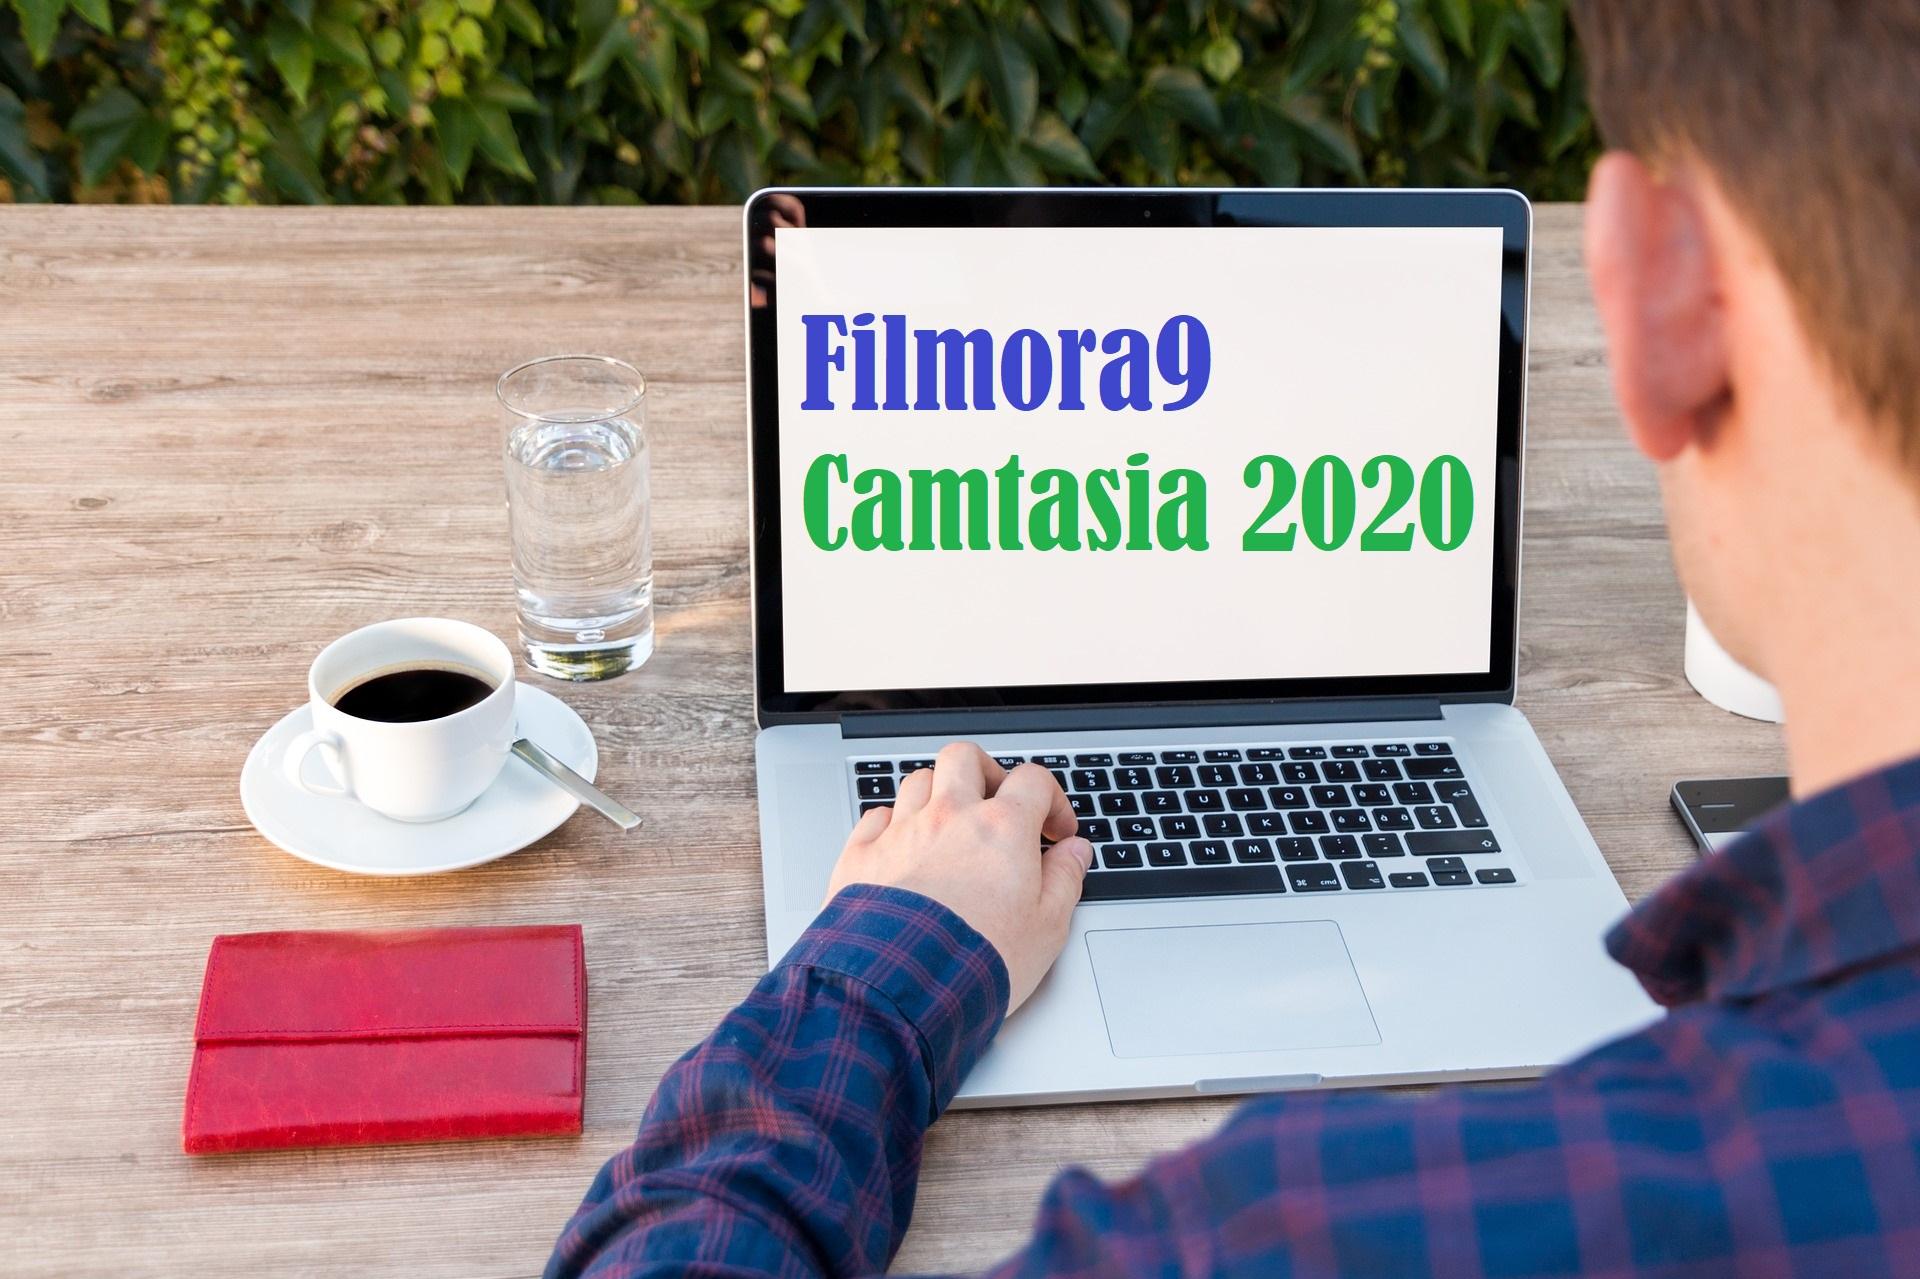 filmora9vs camtasia2020